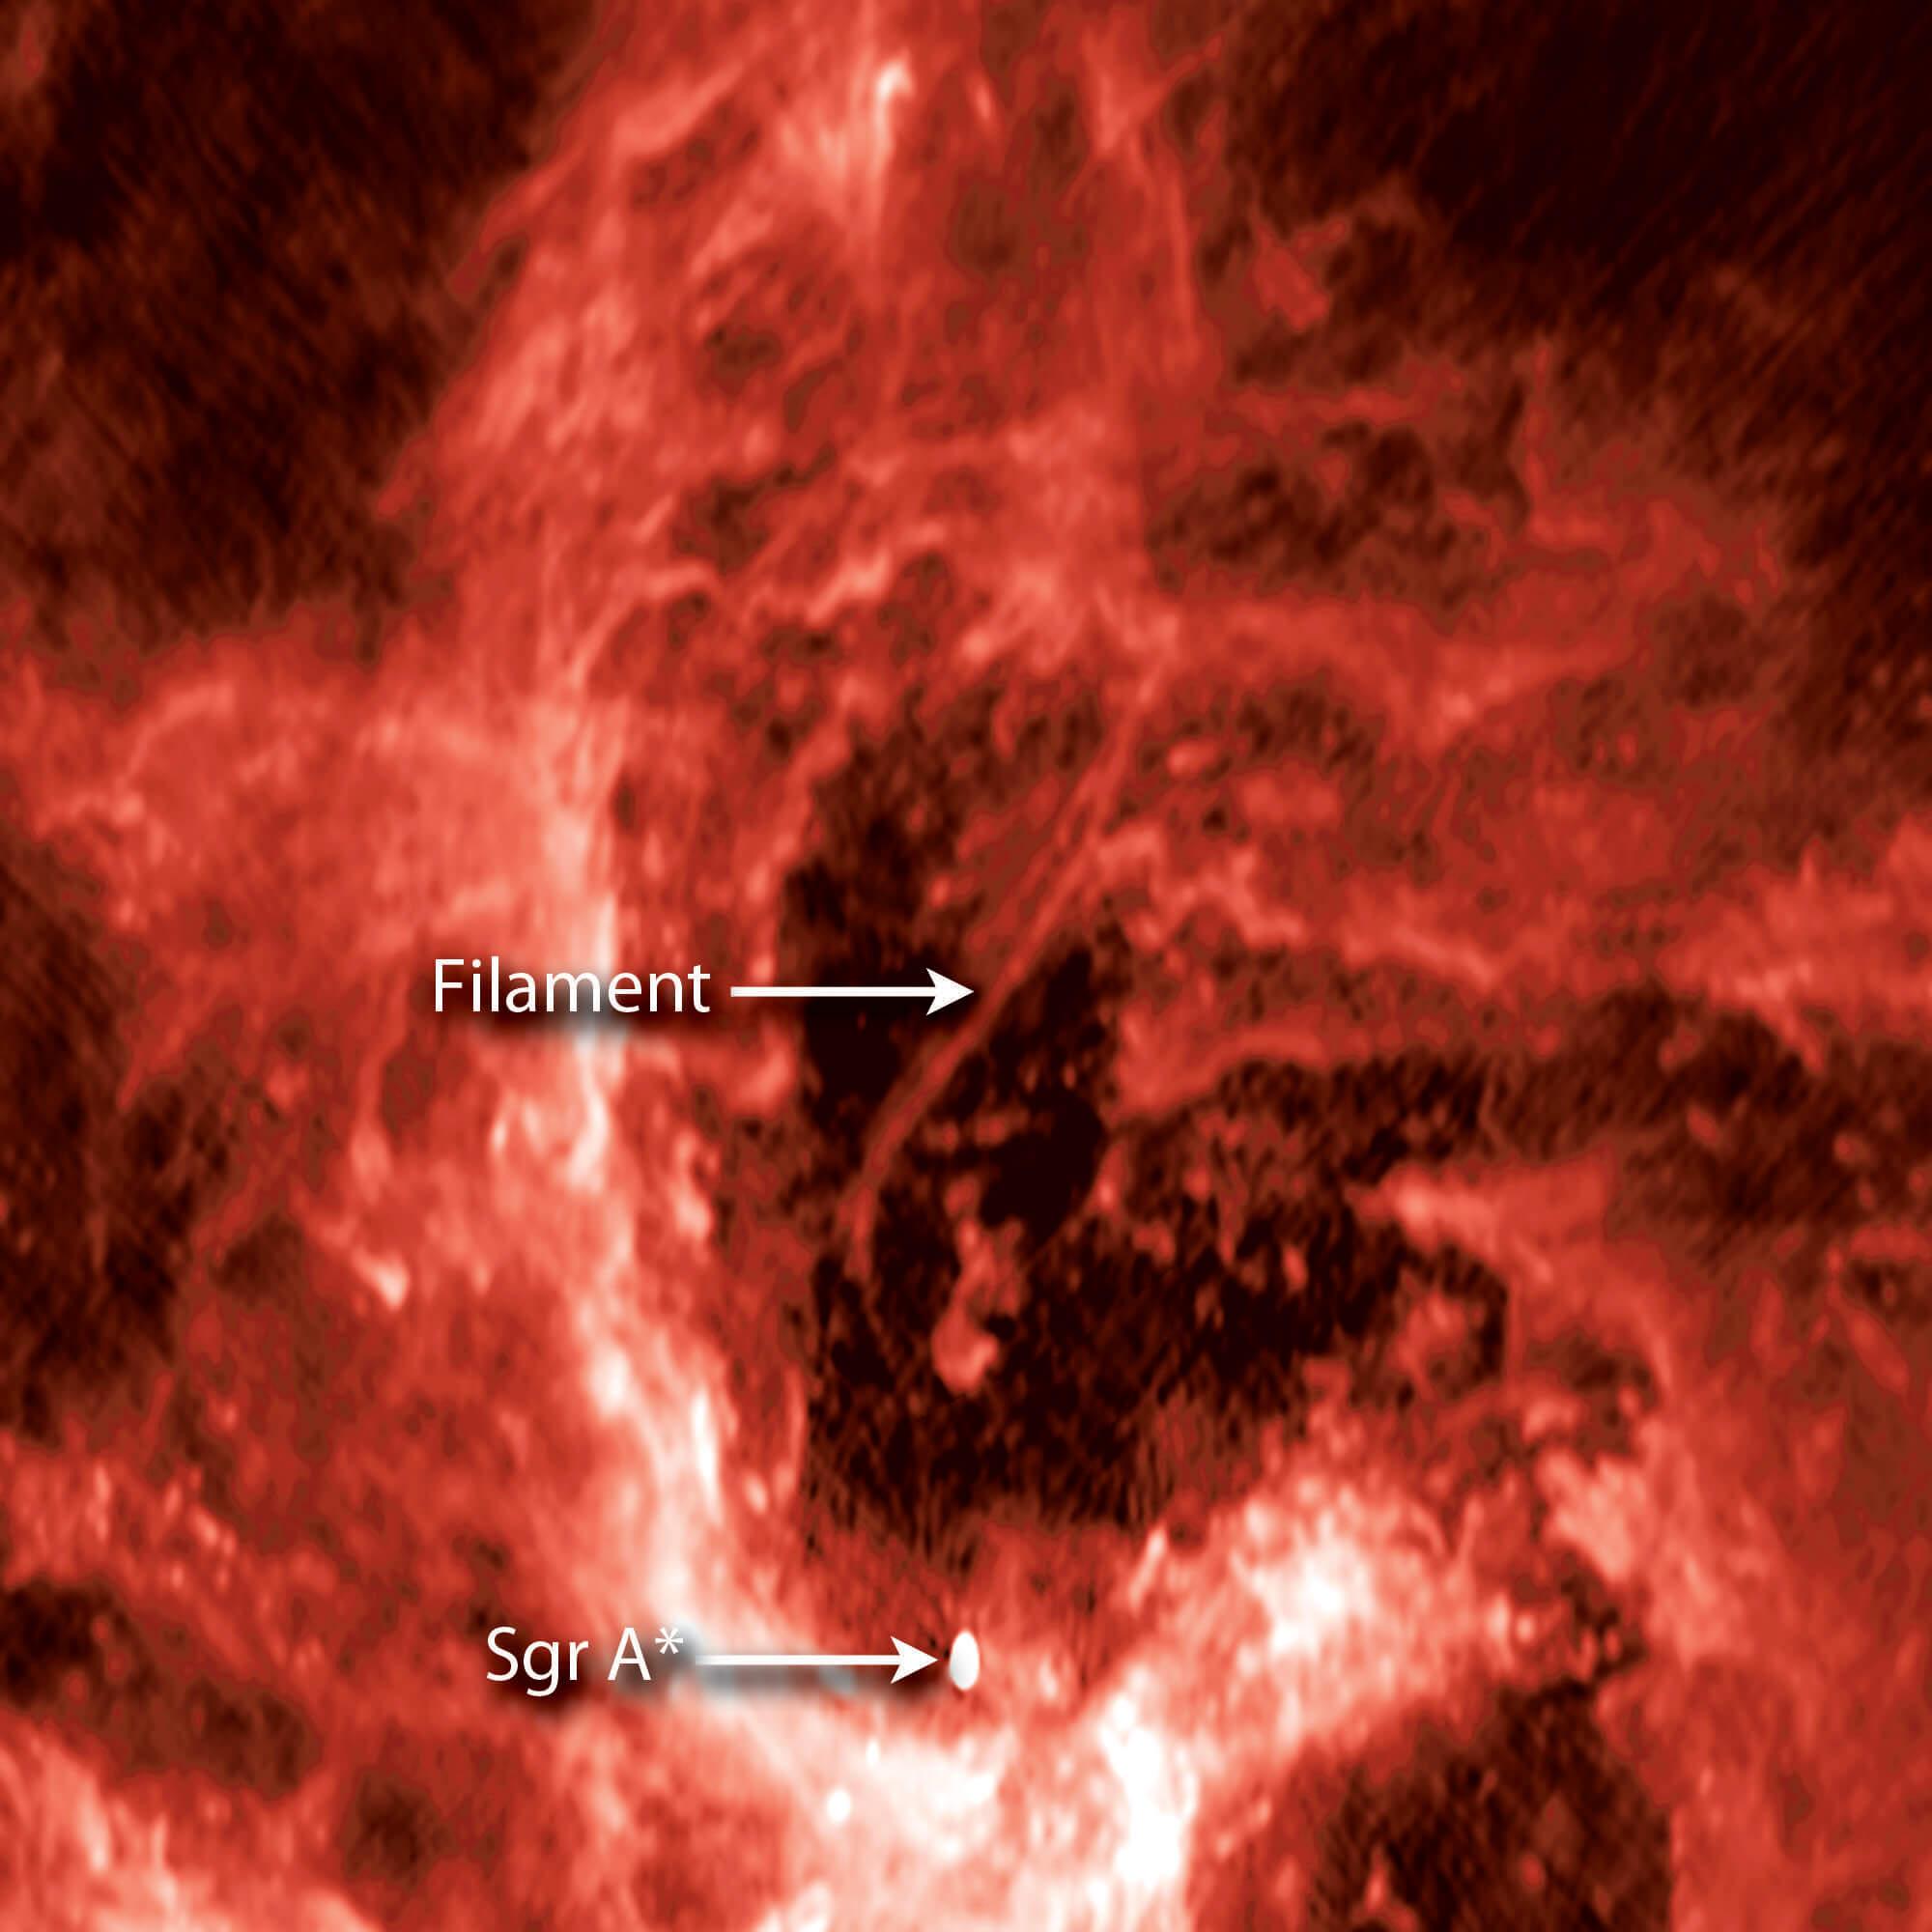 Ученые выясняют происхождение красной нити вцентре галактики